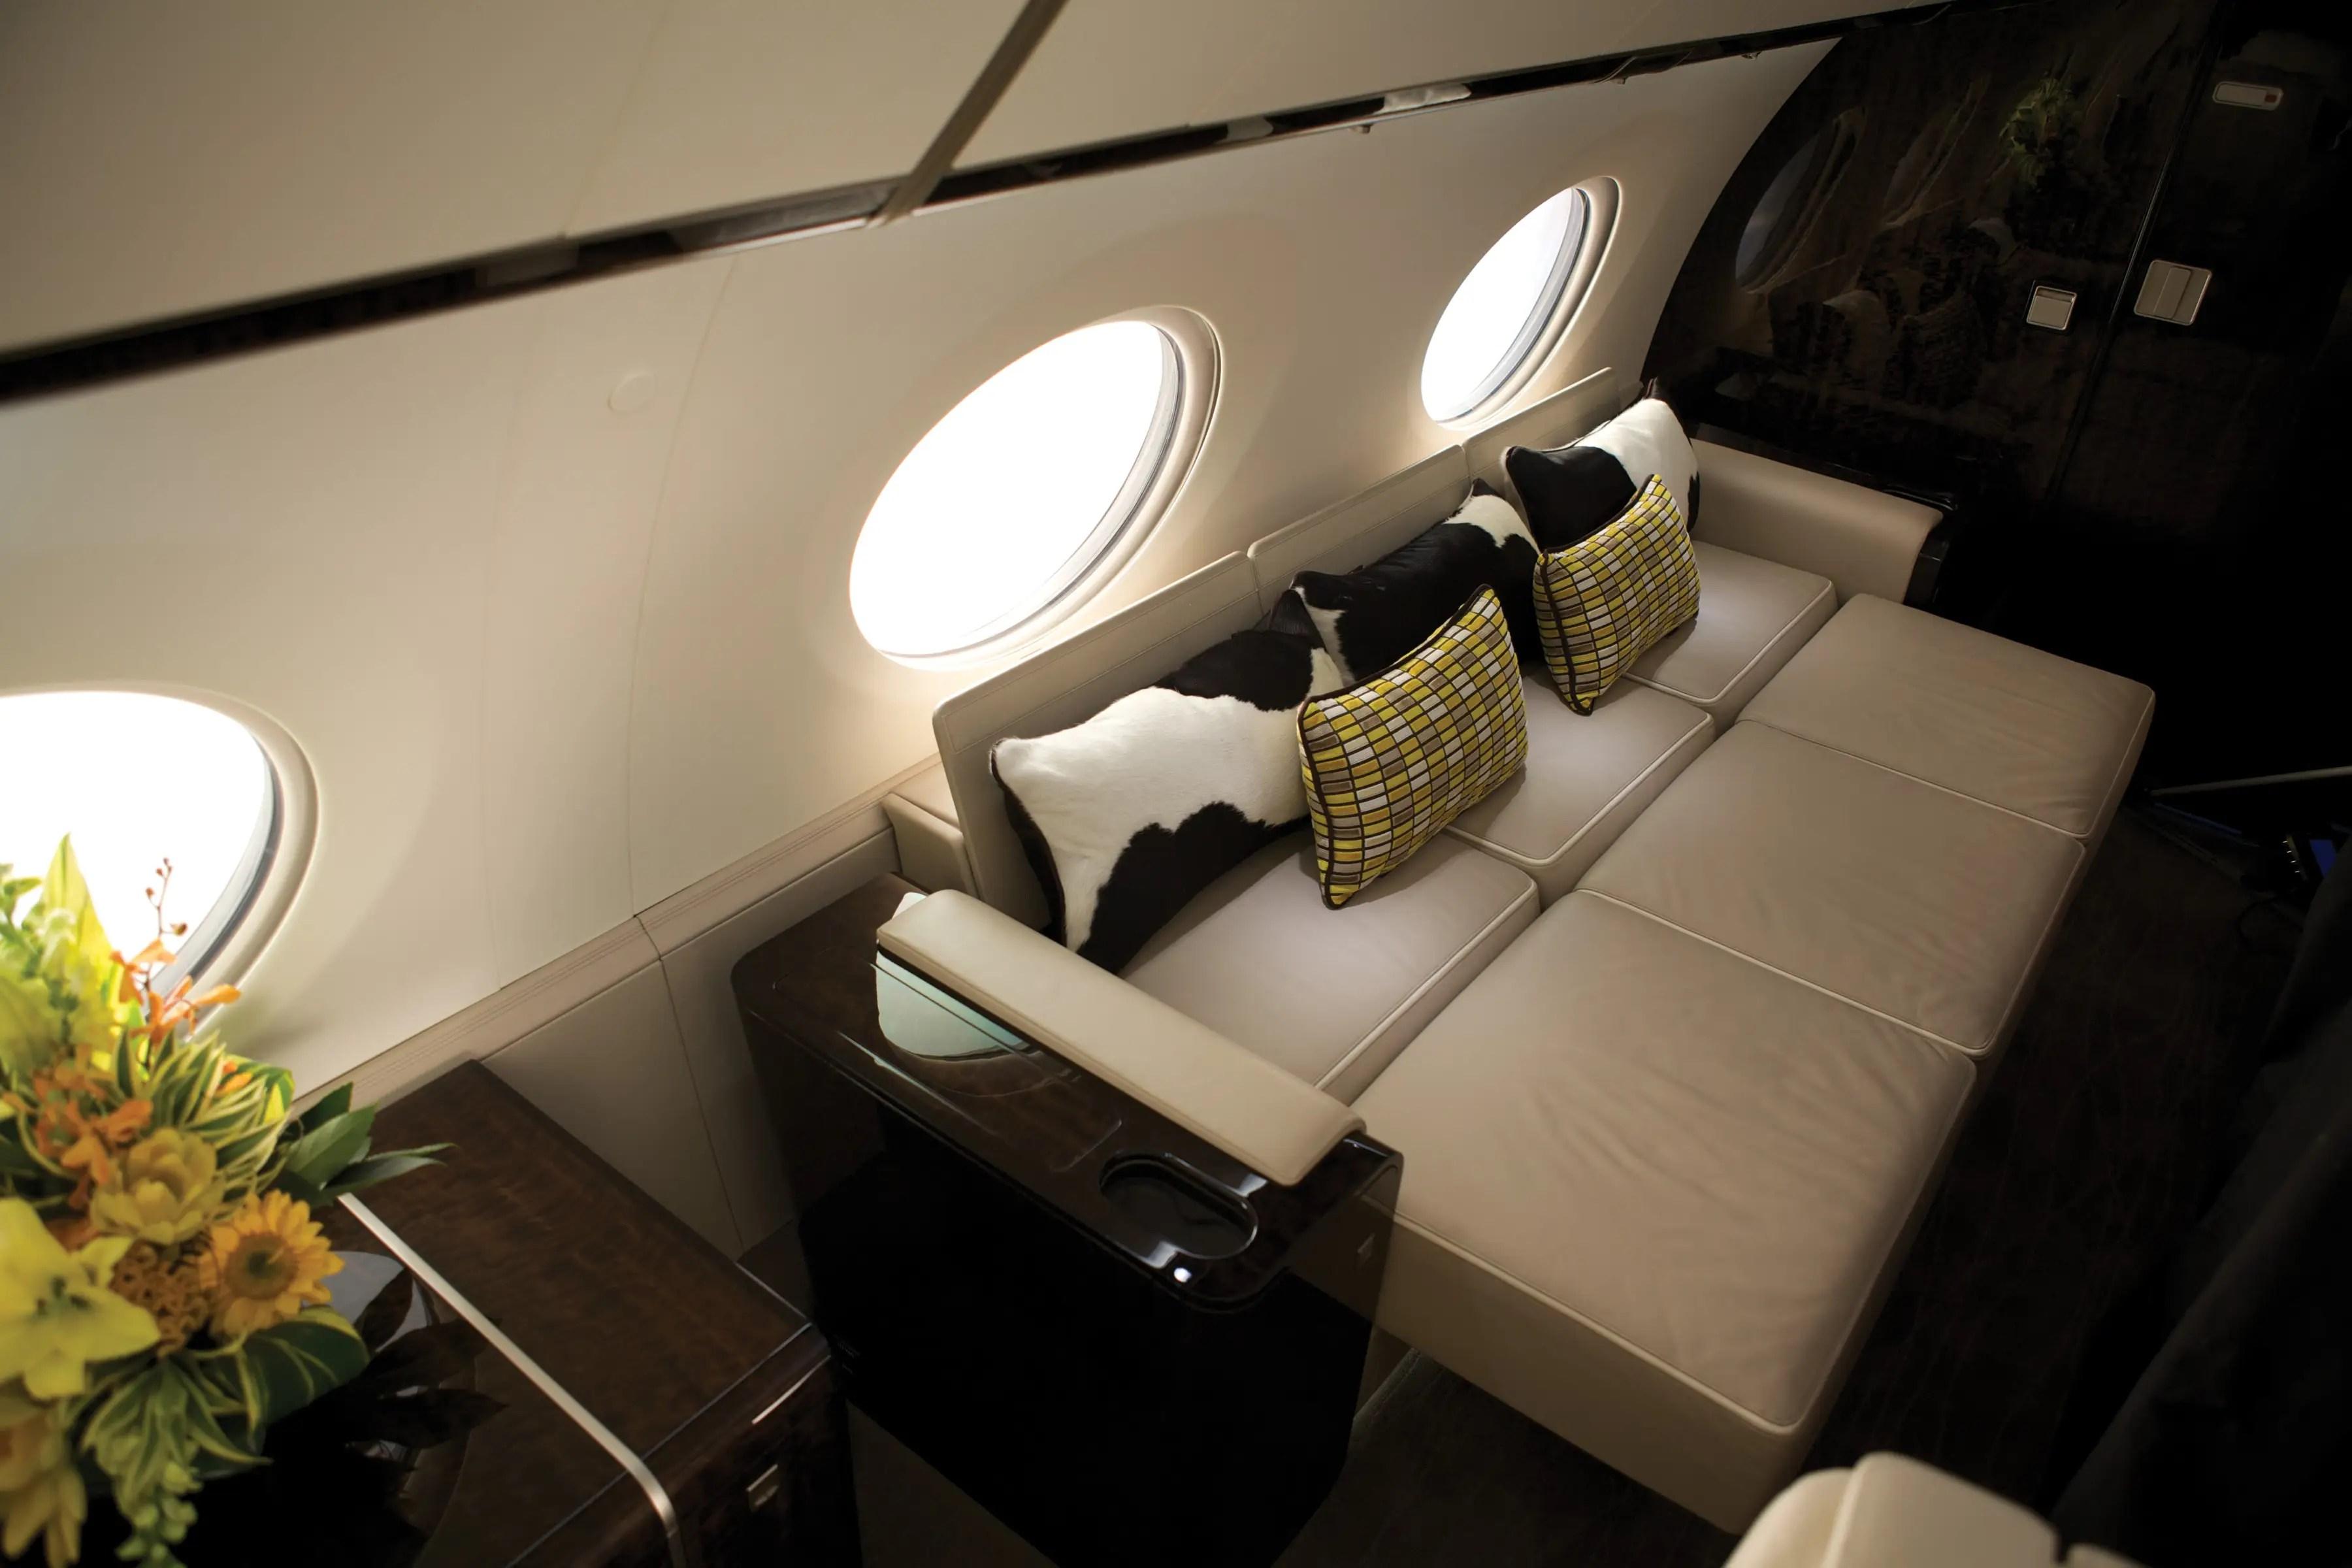 Un porcentaje del sistema de aire fresco 100 hace que la cabina de un lugar agradable para pasar varias horas.